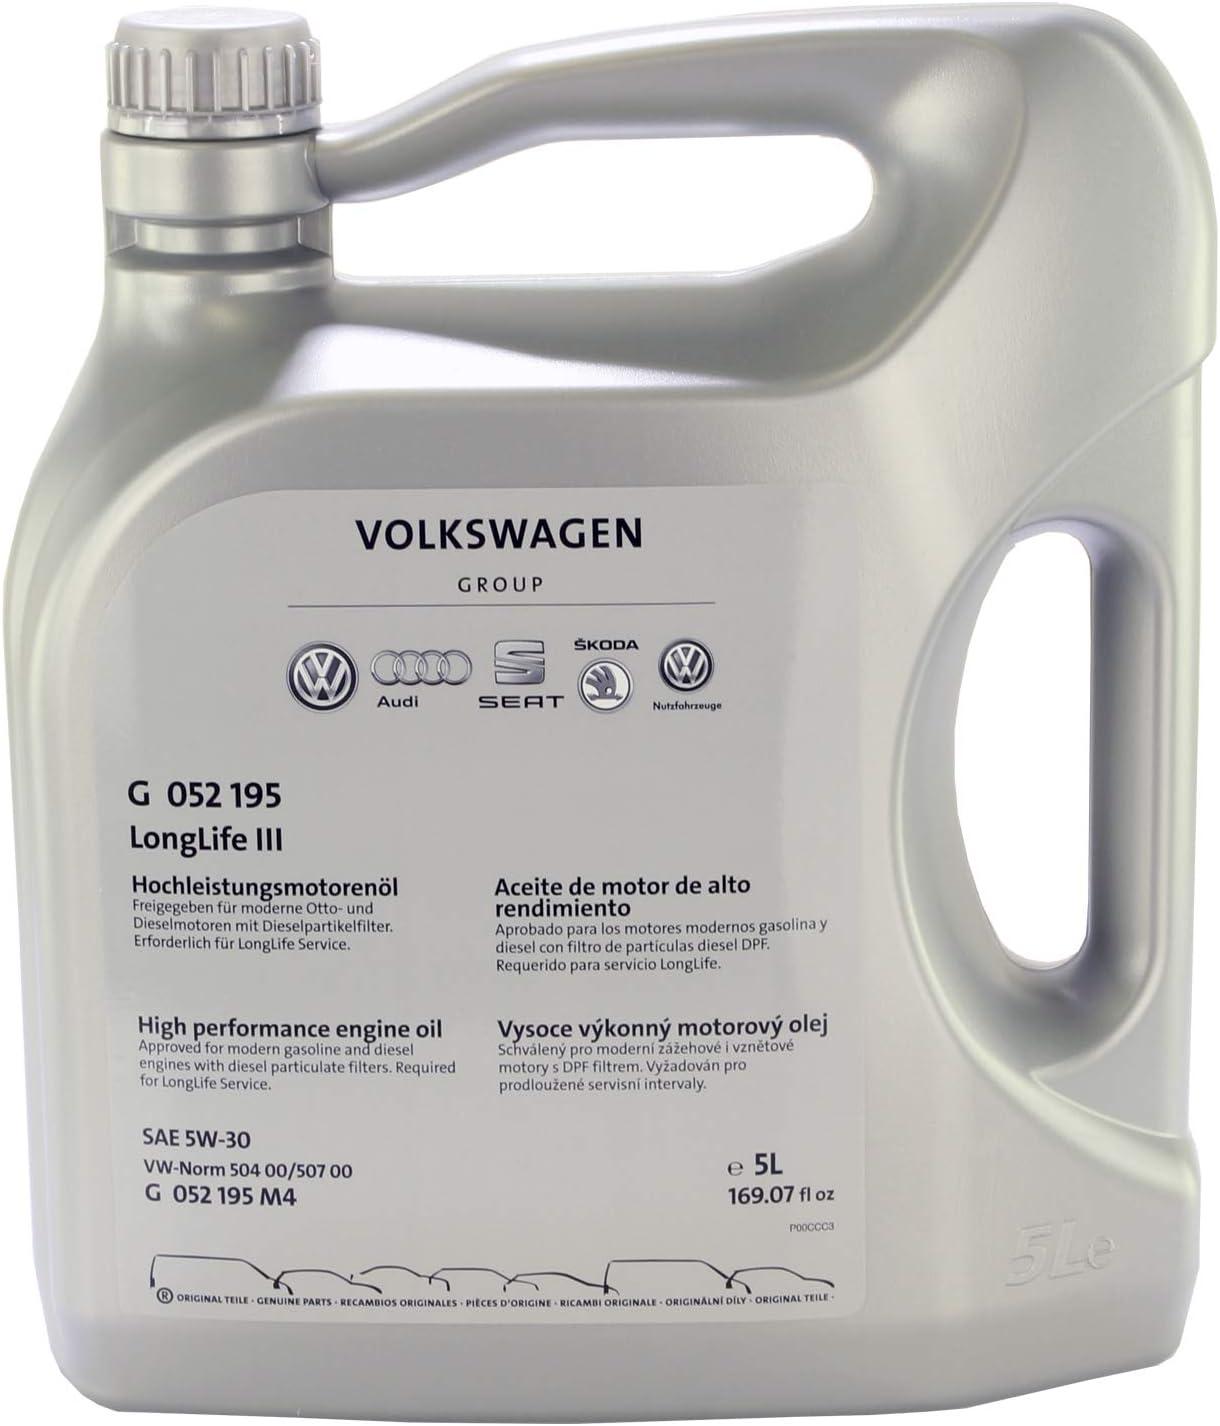 2 x 1l + 5L=7 L Original VW 5 W de 30 Longlife III Motor de aceite motores de aceite g052195 m2: Amazon.es: Coche y moto